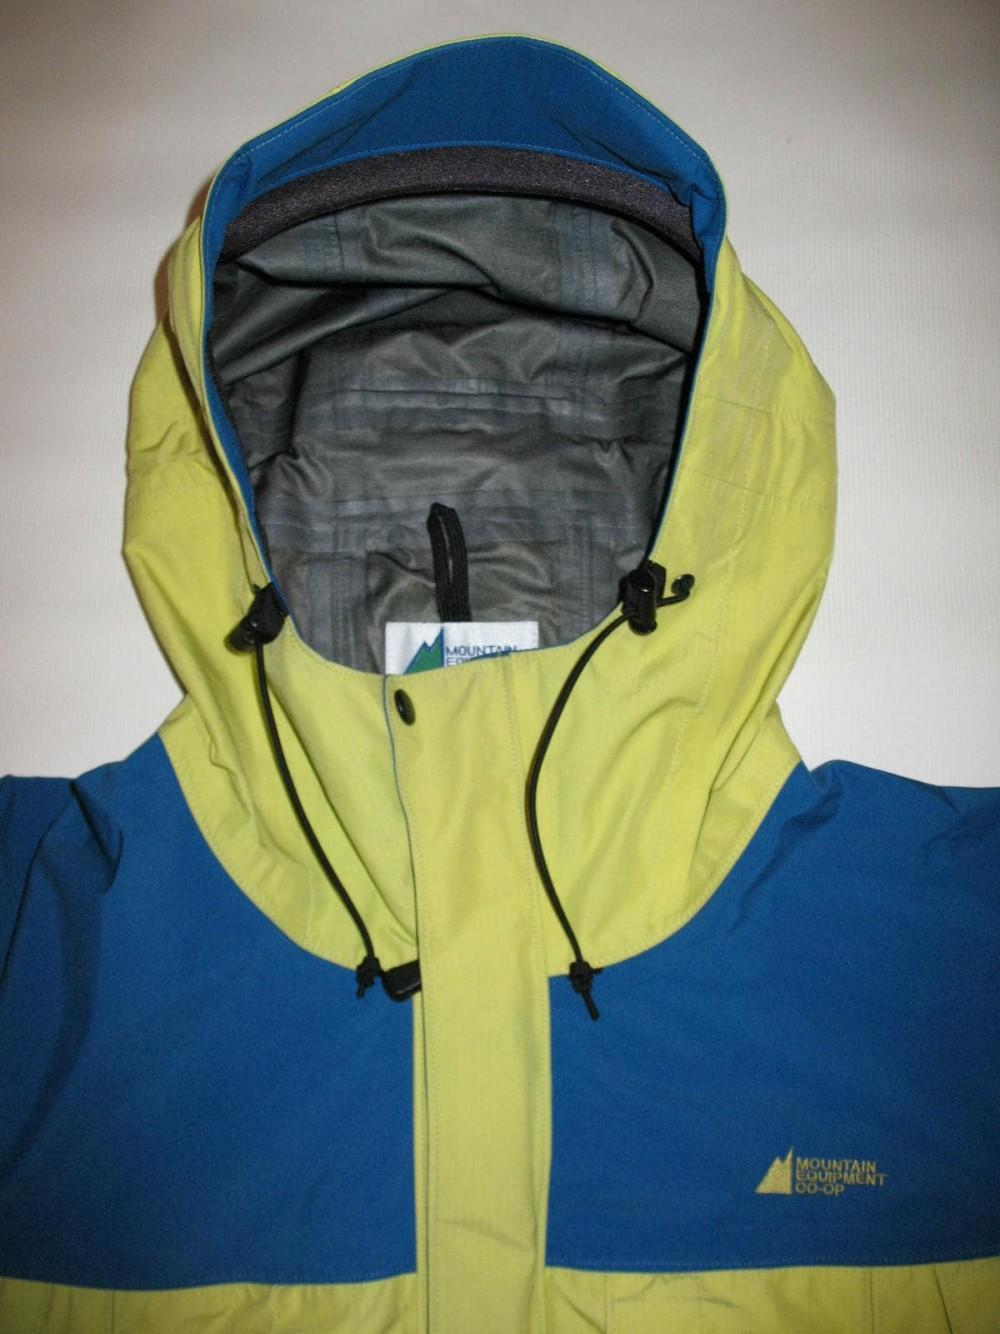 Куртка MOUNTAIN EQUIPMENT gtx outdoor jacket (размер XL/XXL) - 4